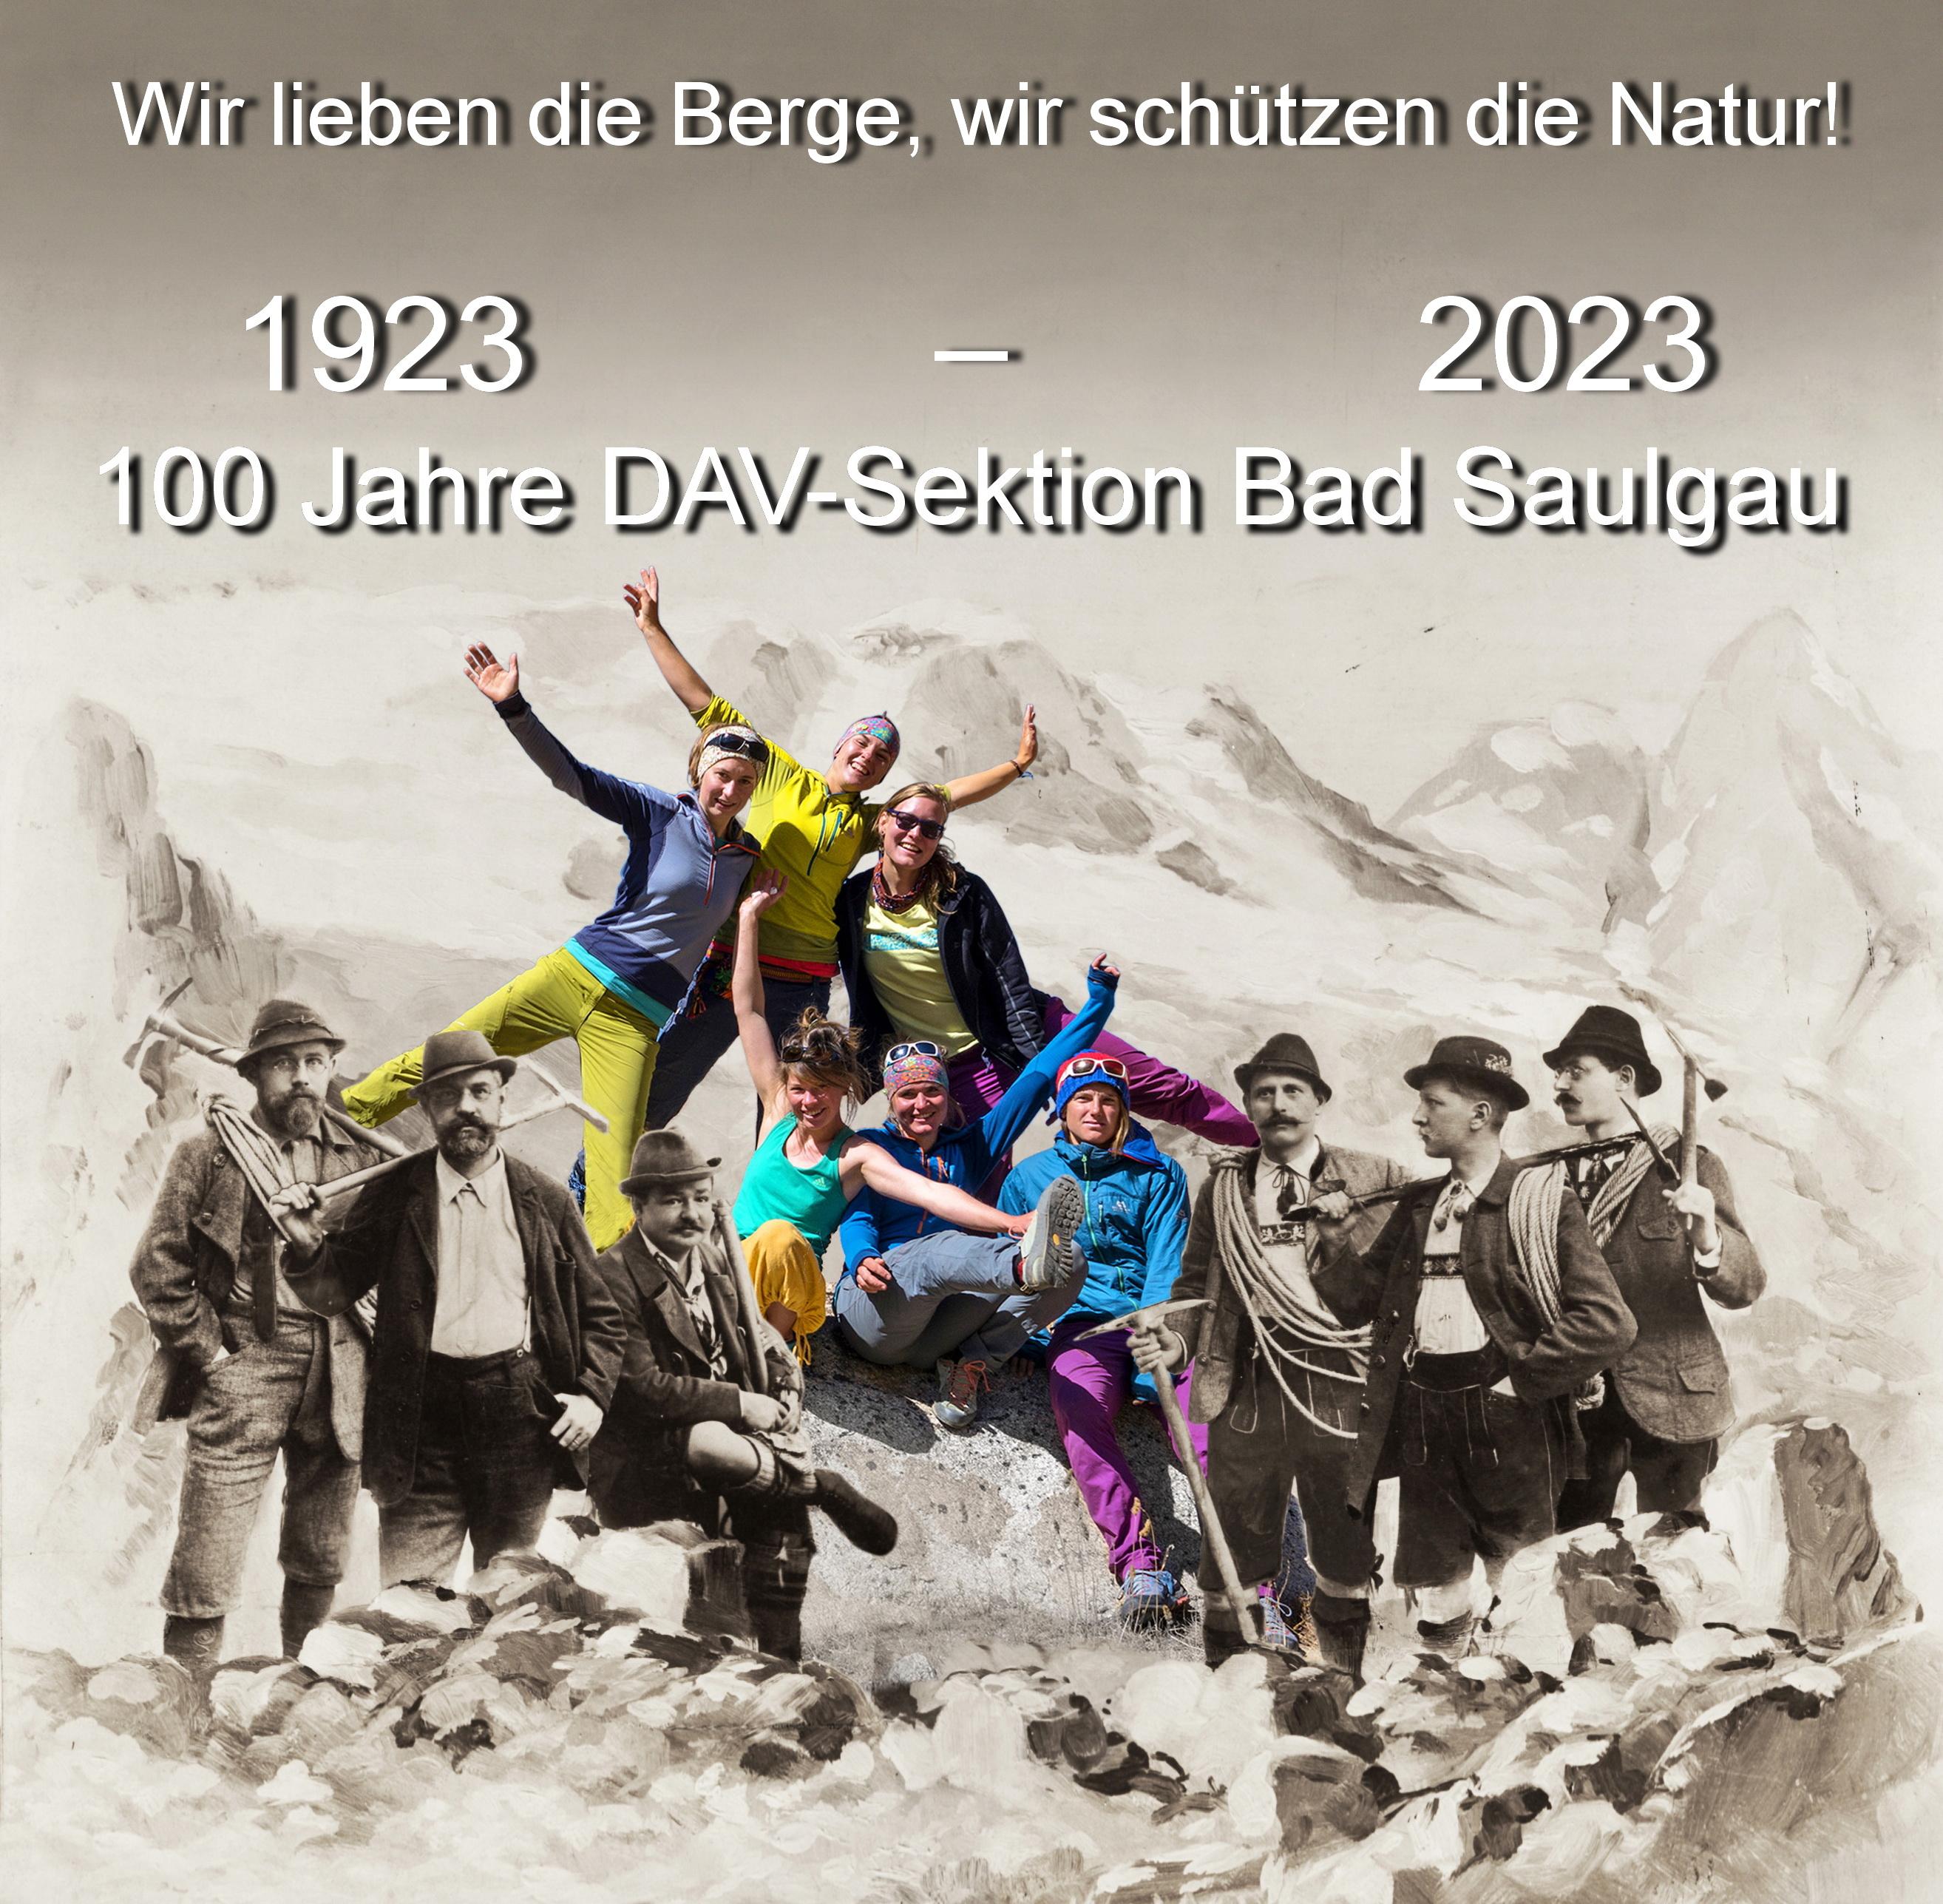 DAV Sektion Bad Saulgau